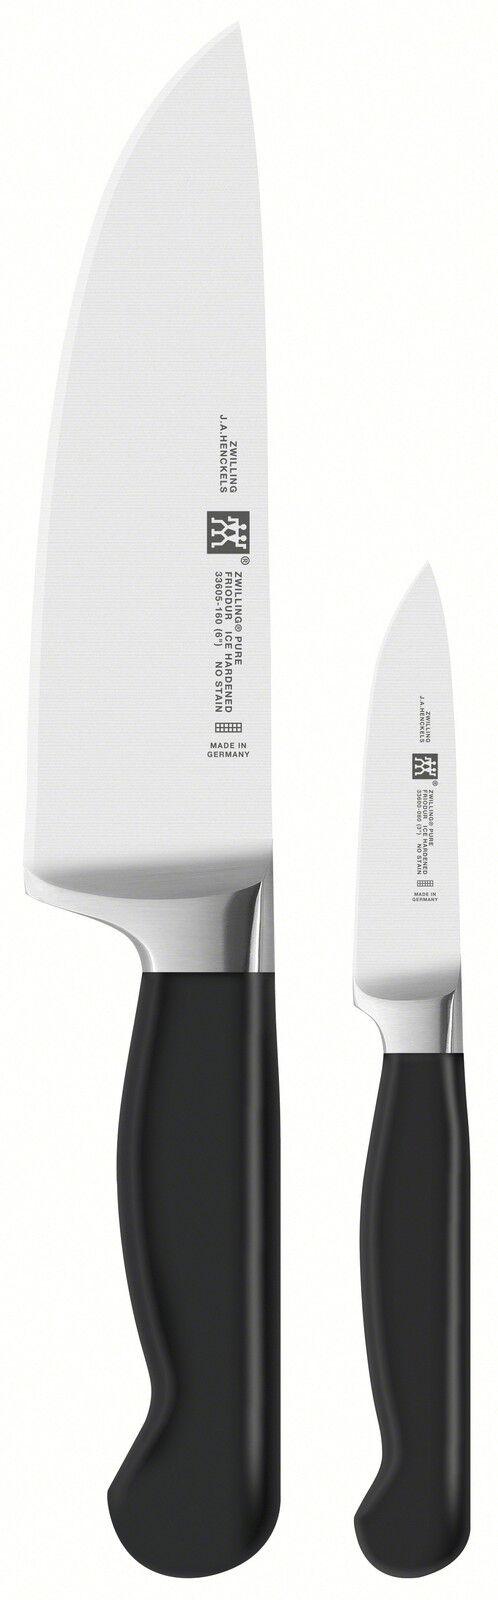 Zwilling pure set de couteaux 2 pièces solingen 160 mm déSouvert garniermesser 80 MM